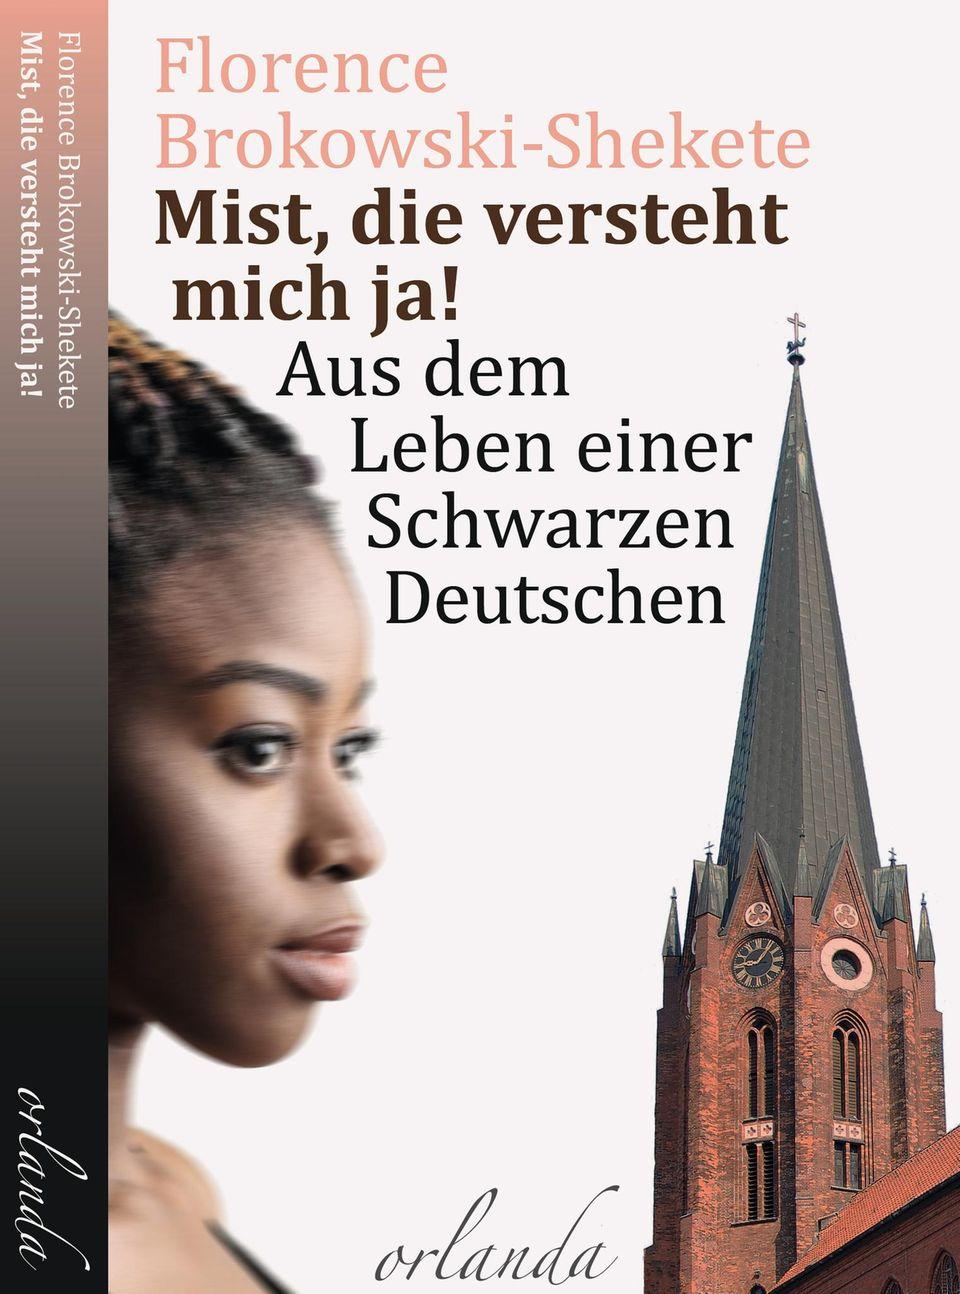 """Florence Brokowski-Shekete: Buchcover """"Mist, die versteht mich ja!"""""""